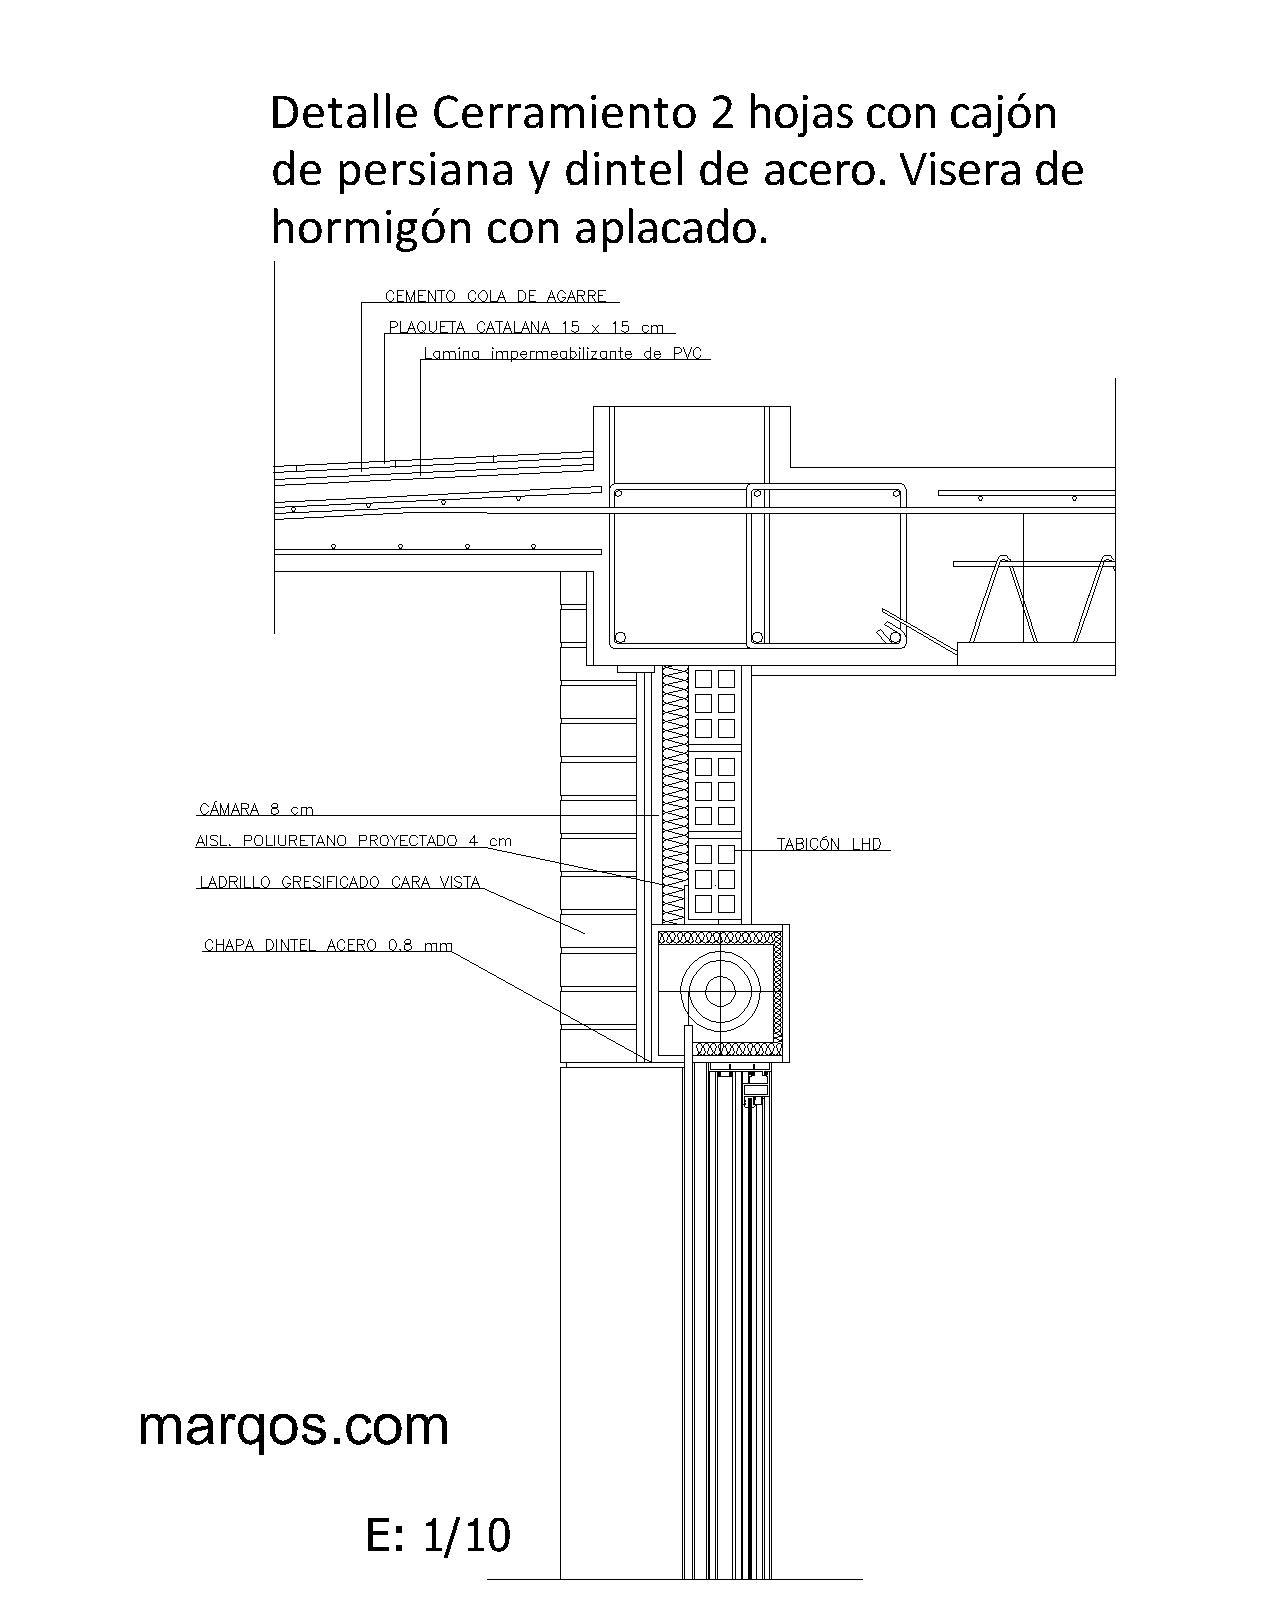 Marqos cerramiento 2 hojas con caj n de persiana y - Dimensiones ladrillo cara vista ...